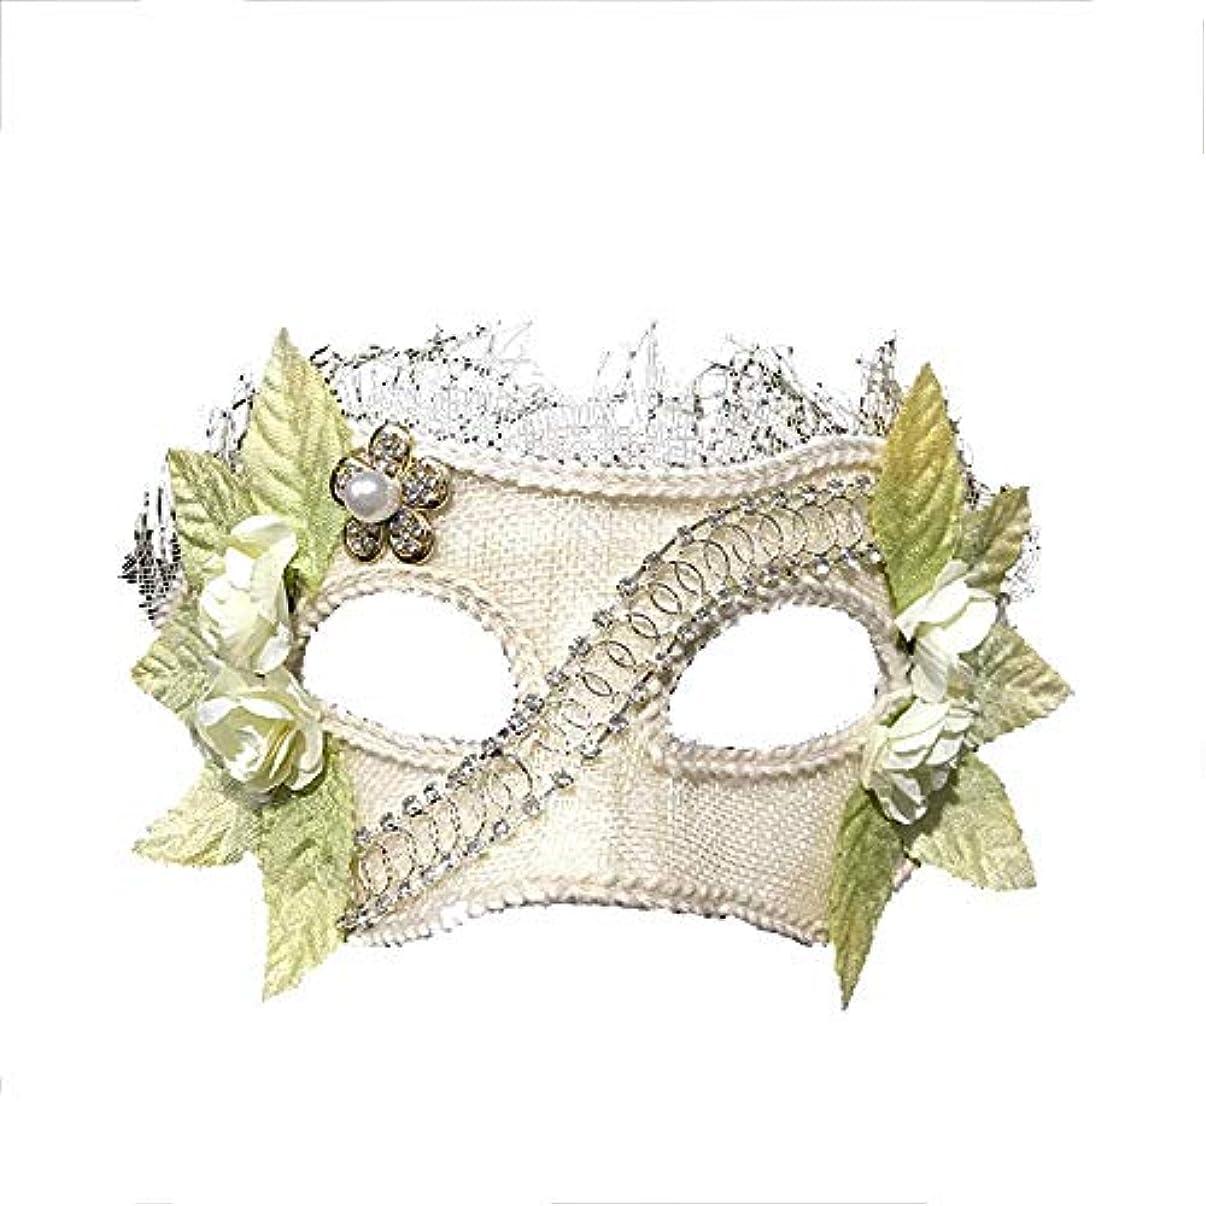 言い直す追うエイリアンNanle ハロウィンクリスマスフラワーフェザービーズマスク仮装マスクレディミスプリンセス美容祭パーティーデコレーションマスク (色 : Style A)